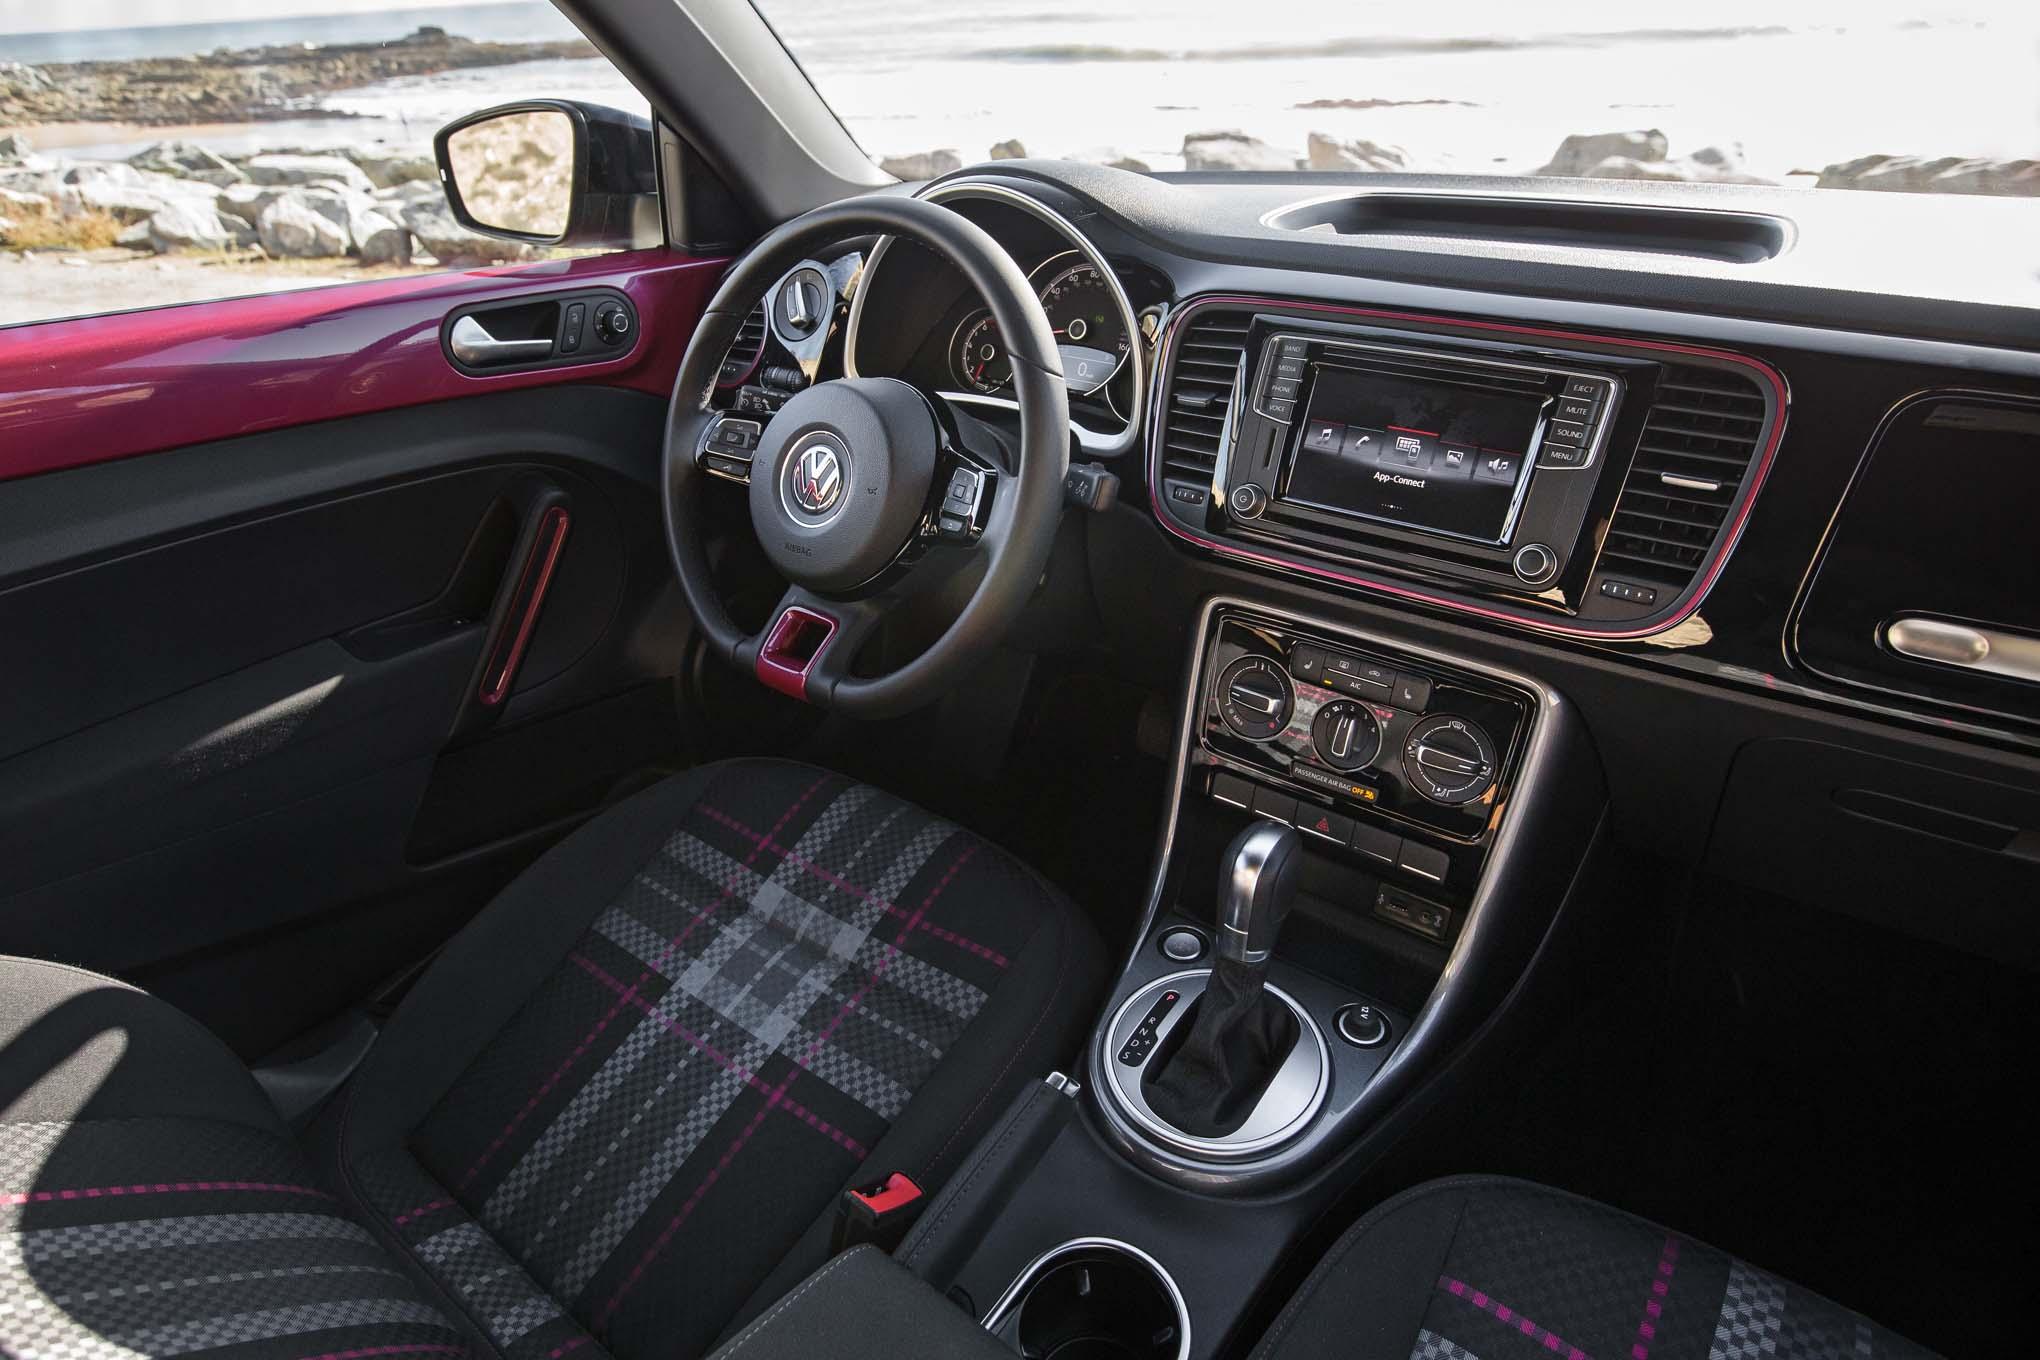 2017 Volkswagen PinkBeetle interior